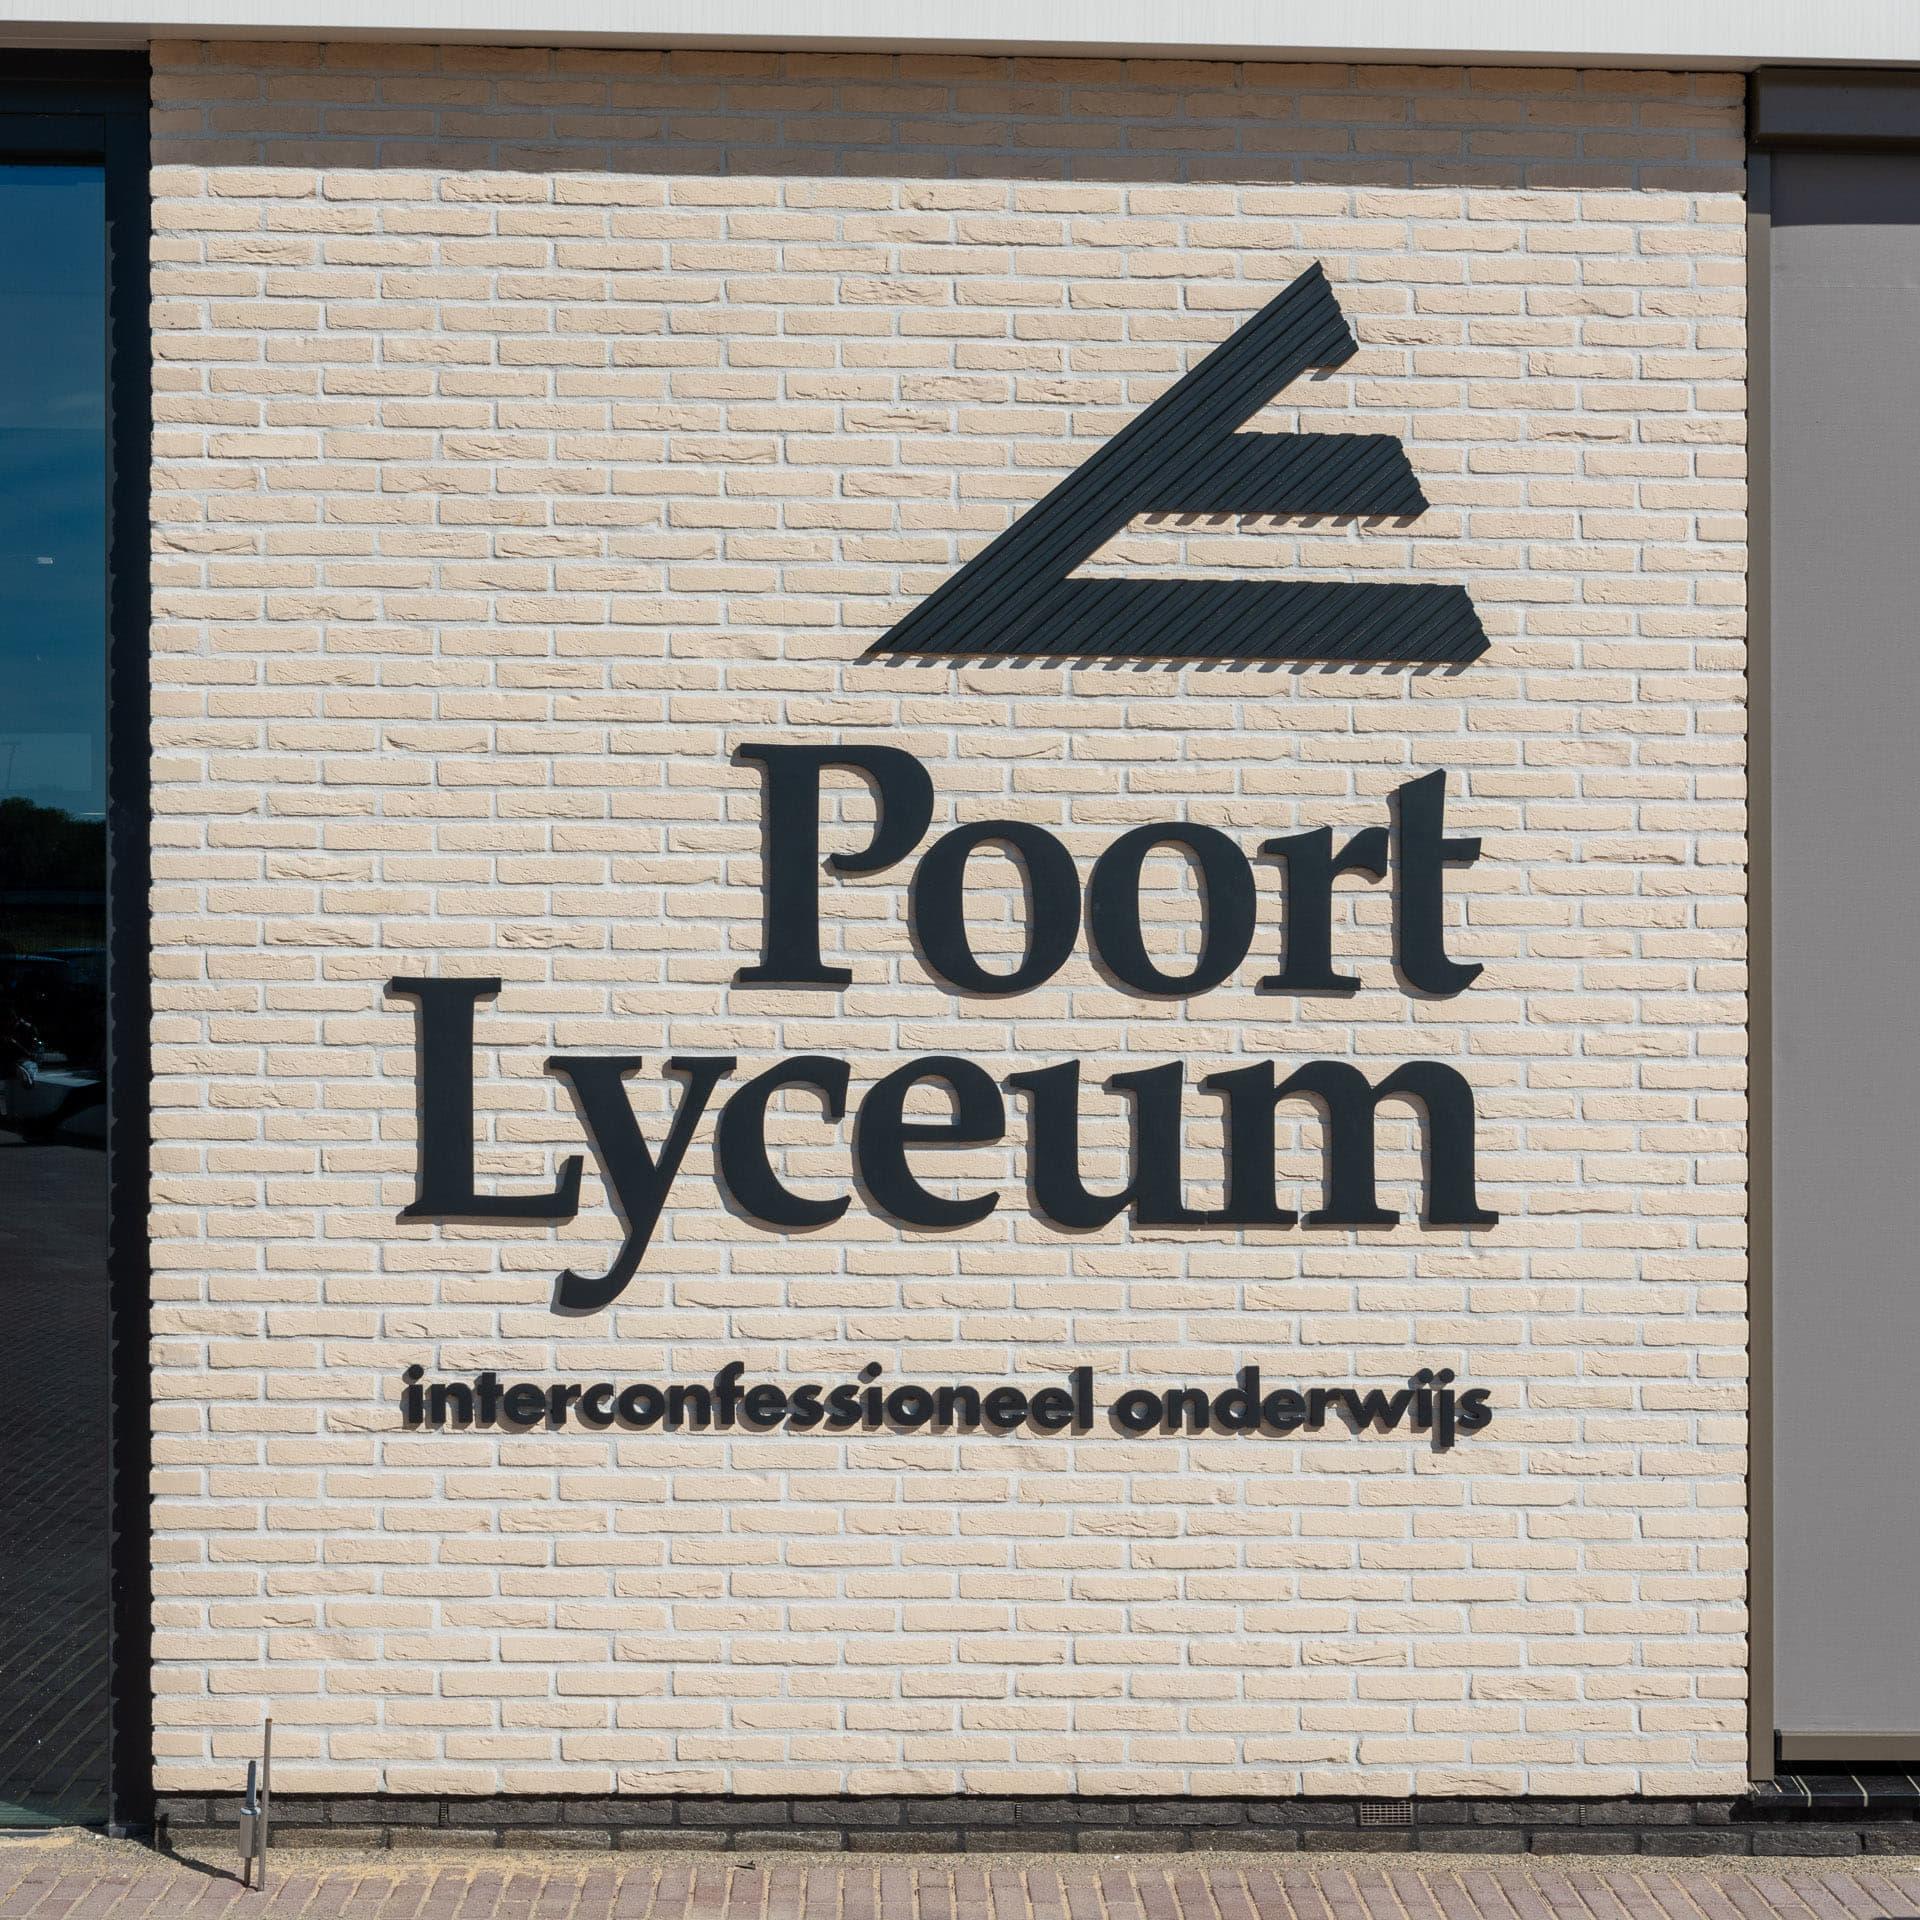 Logo van het Poort Lyceum op een lichte gevel